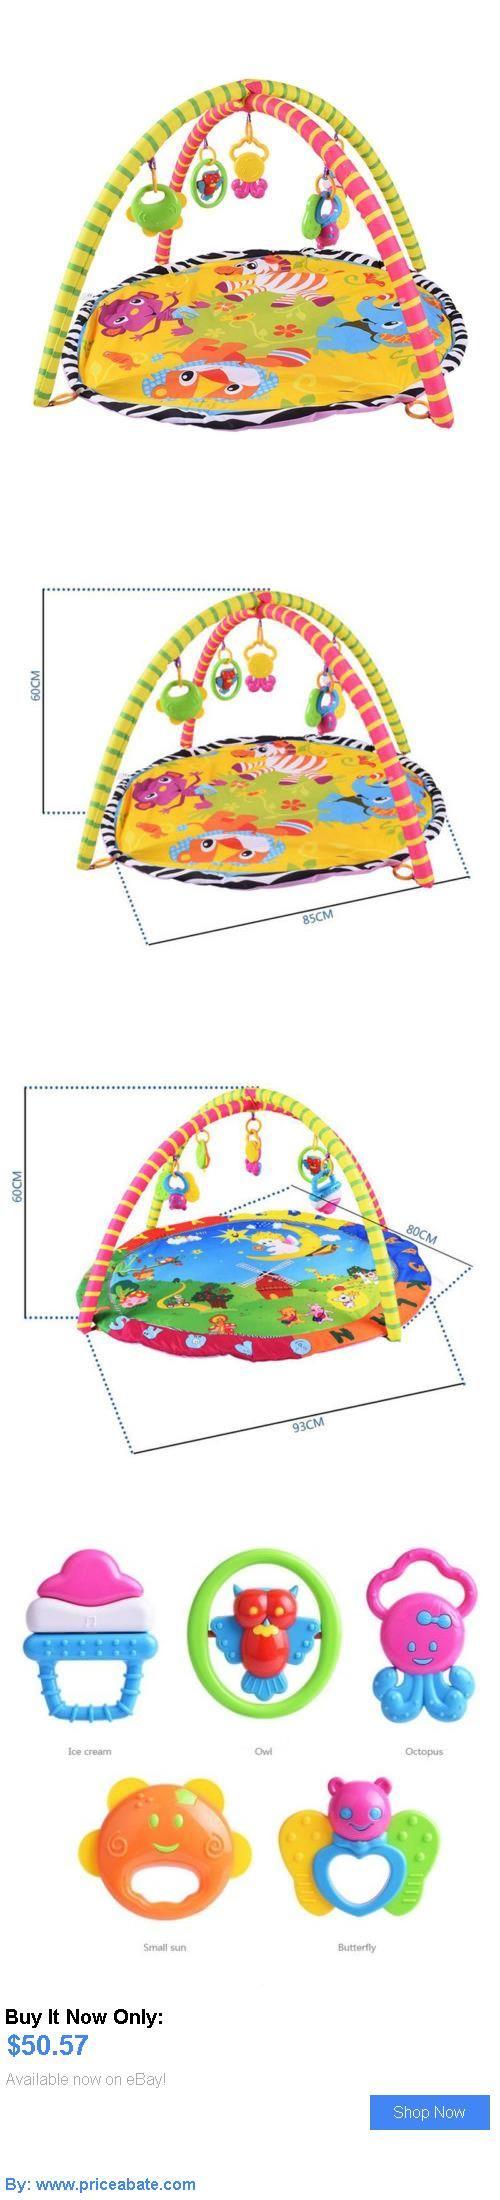 Baby sleeping mat ocean world baby play mat buy baby sleeping mat - Baby New Baby Play Mat Infant Game Crawling Carpet Toddler Activity Gym Blanket Toys Buy